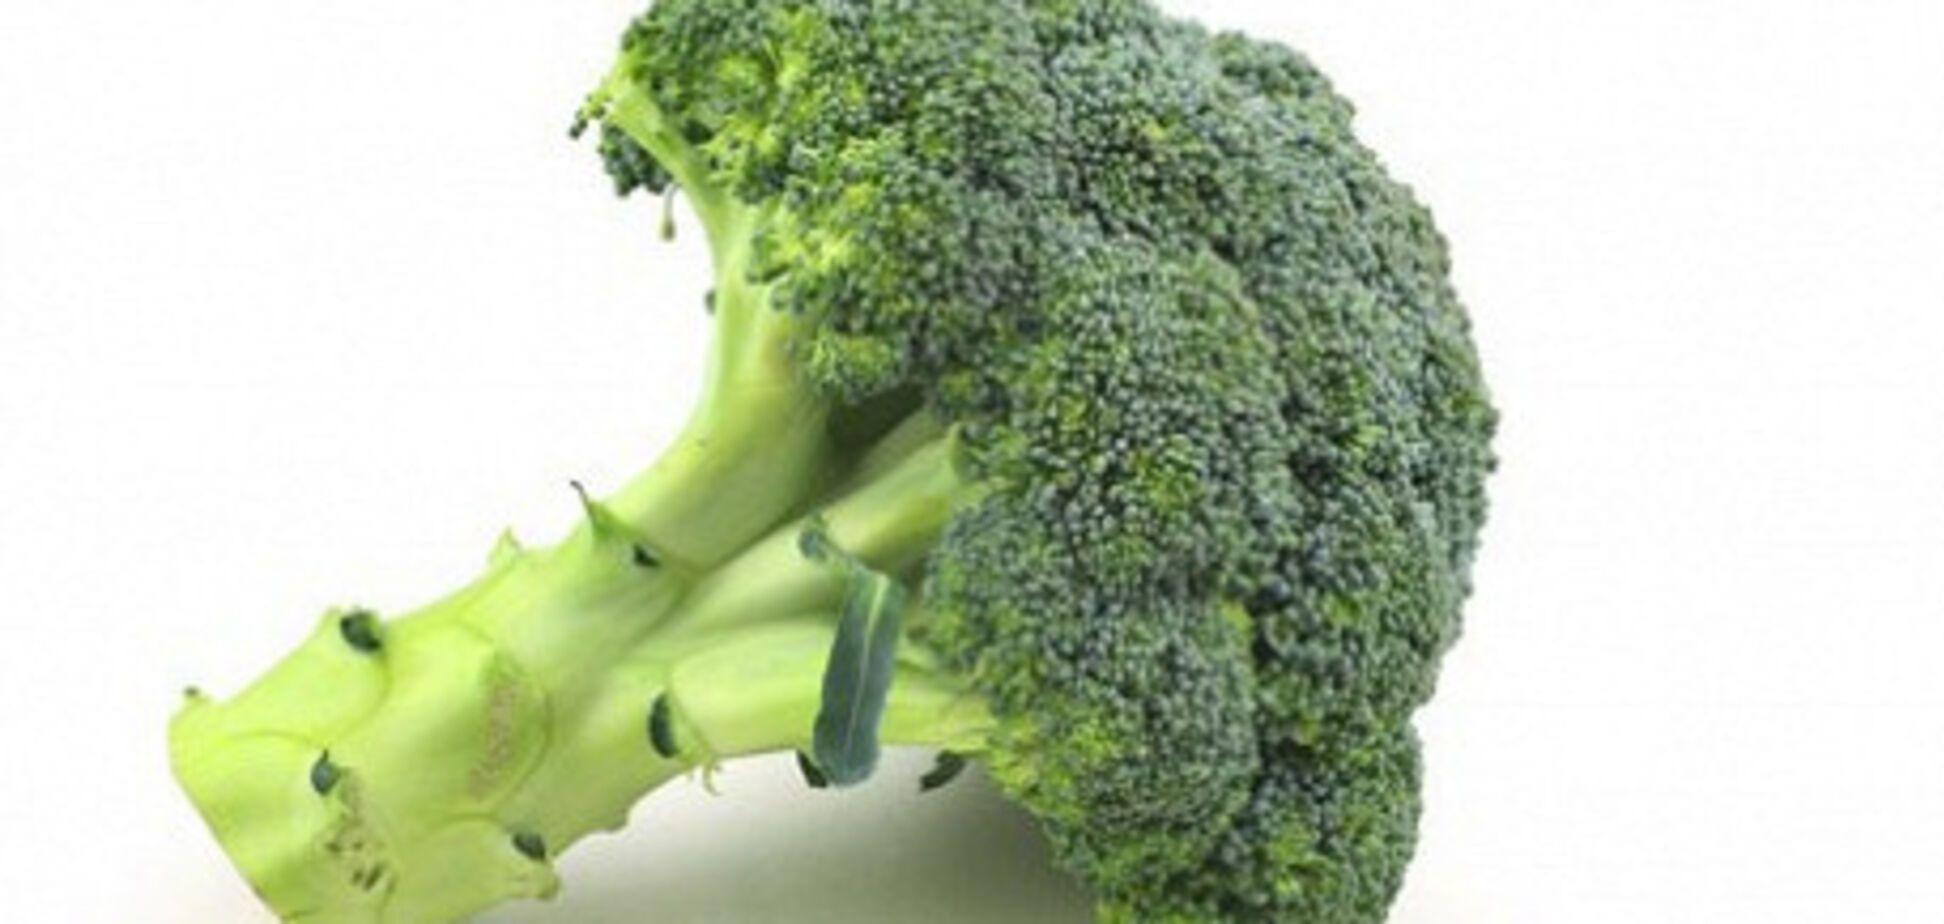 Как вкусно приготовить брокколи: топ-3 рецепта